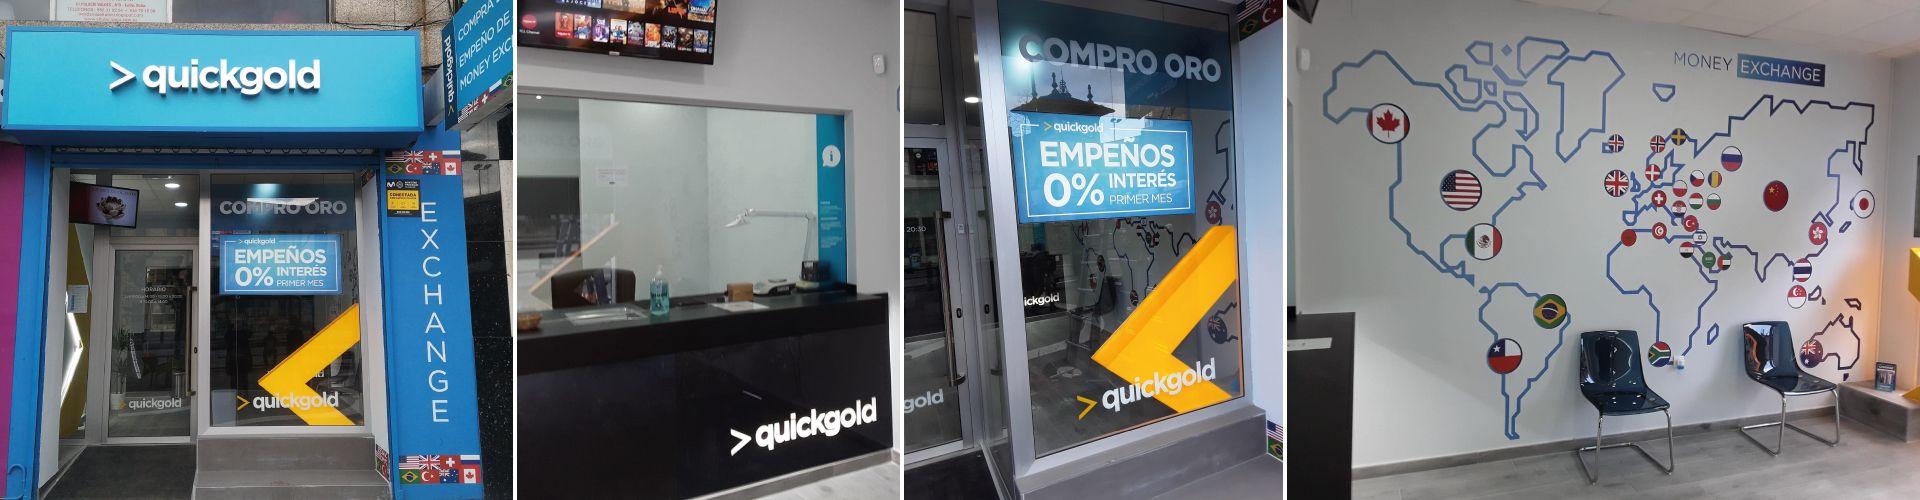 Apertura Quickgold Gijón